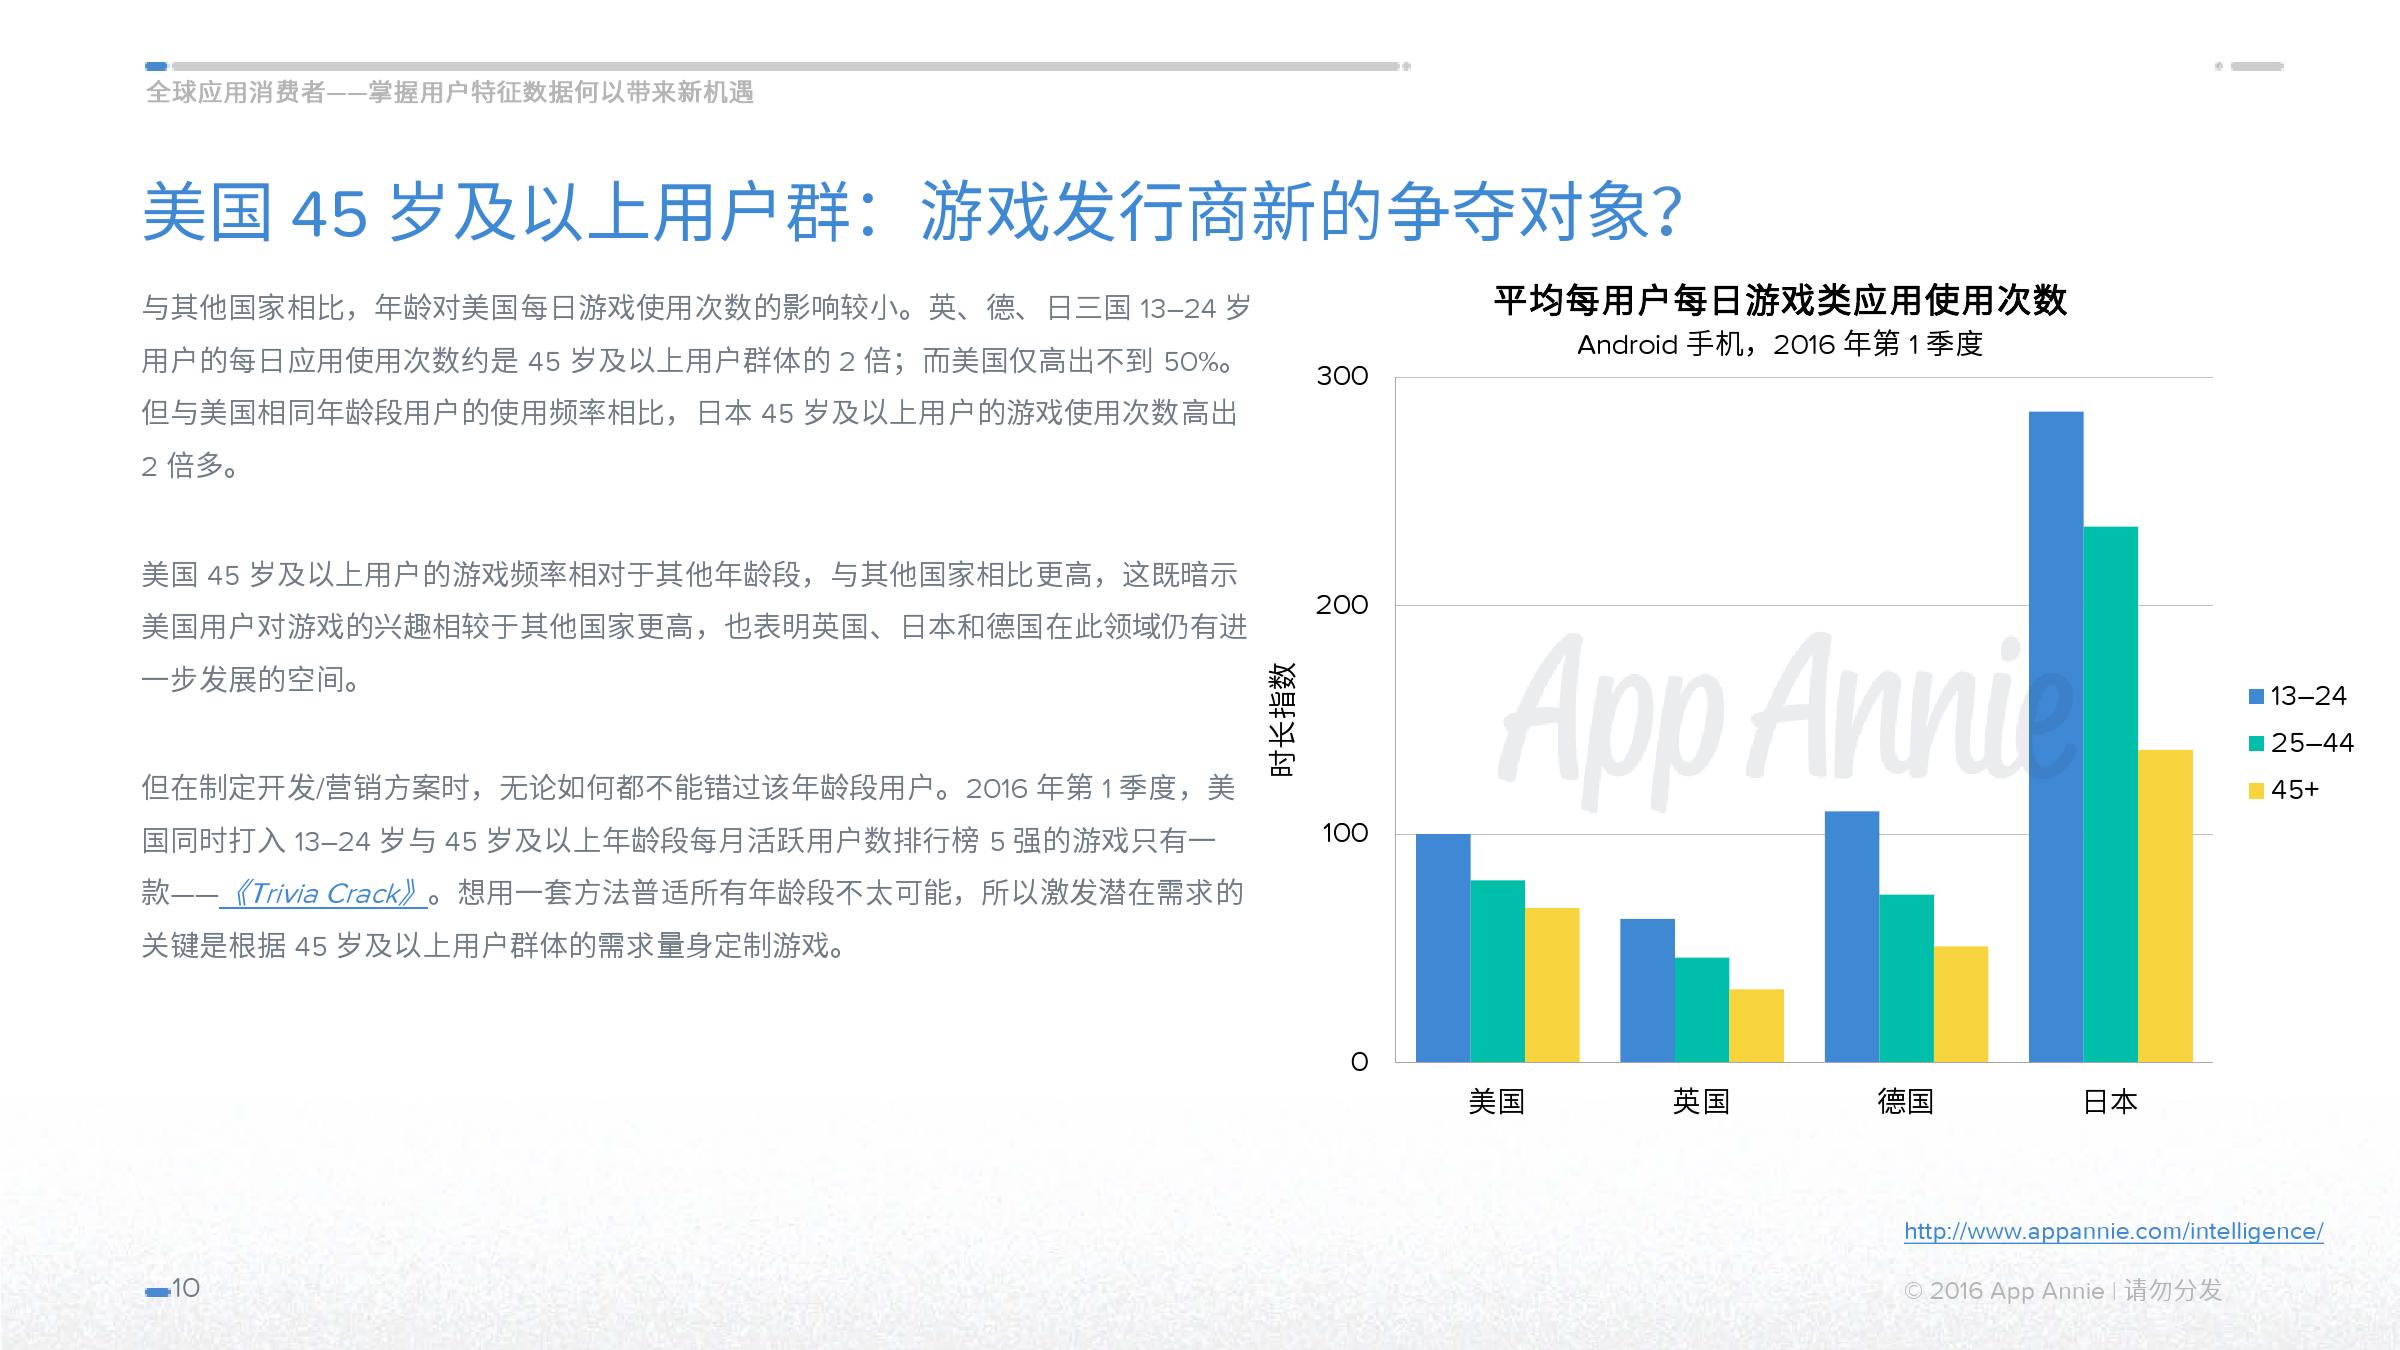 The-Global-App-Consumer-Understanding-Demographics-June-2016_CN_000010